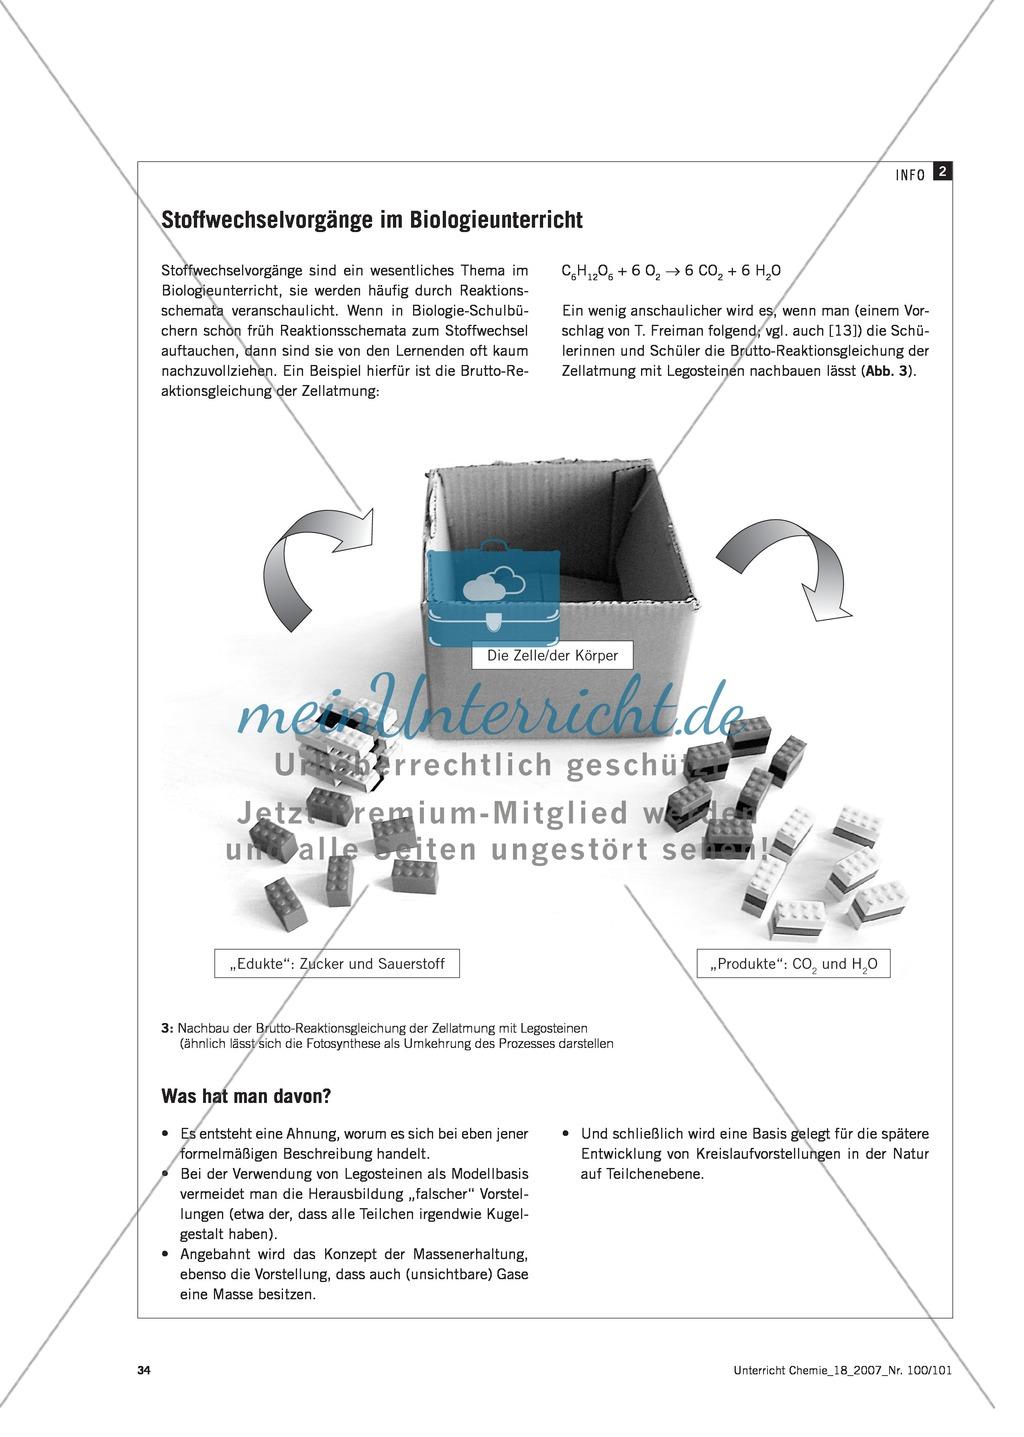 Modellieren: Legosteine und Teilchenkonzept - Kreidechromatographie + Gesetz der konstanten Proportionen + Zellatmung Preview 6